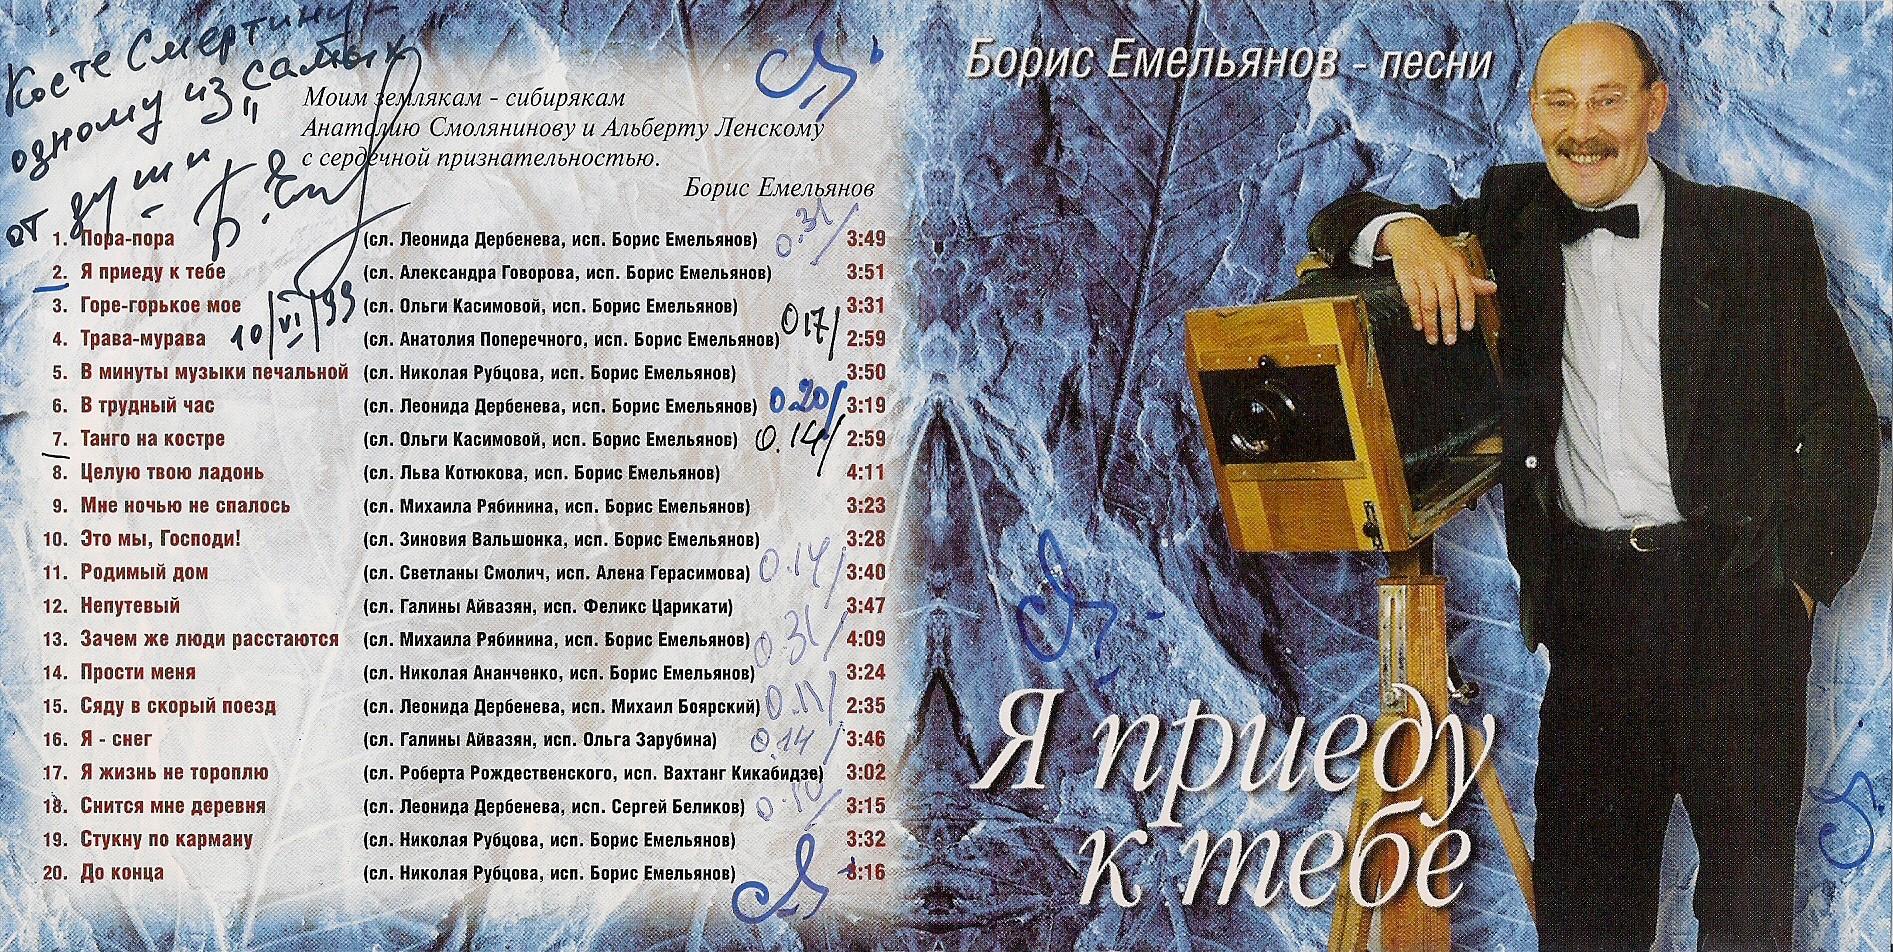 Название: _Эти песни Б.Емельянова  звучали на Маяке.jpg Просмотров: 78  Размер: 1.03 Мб